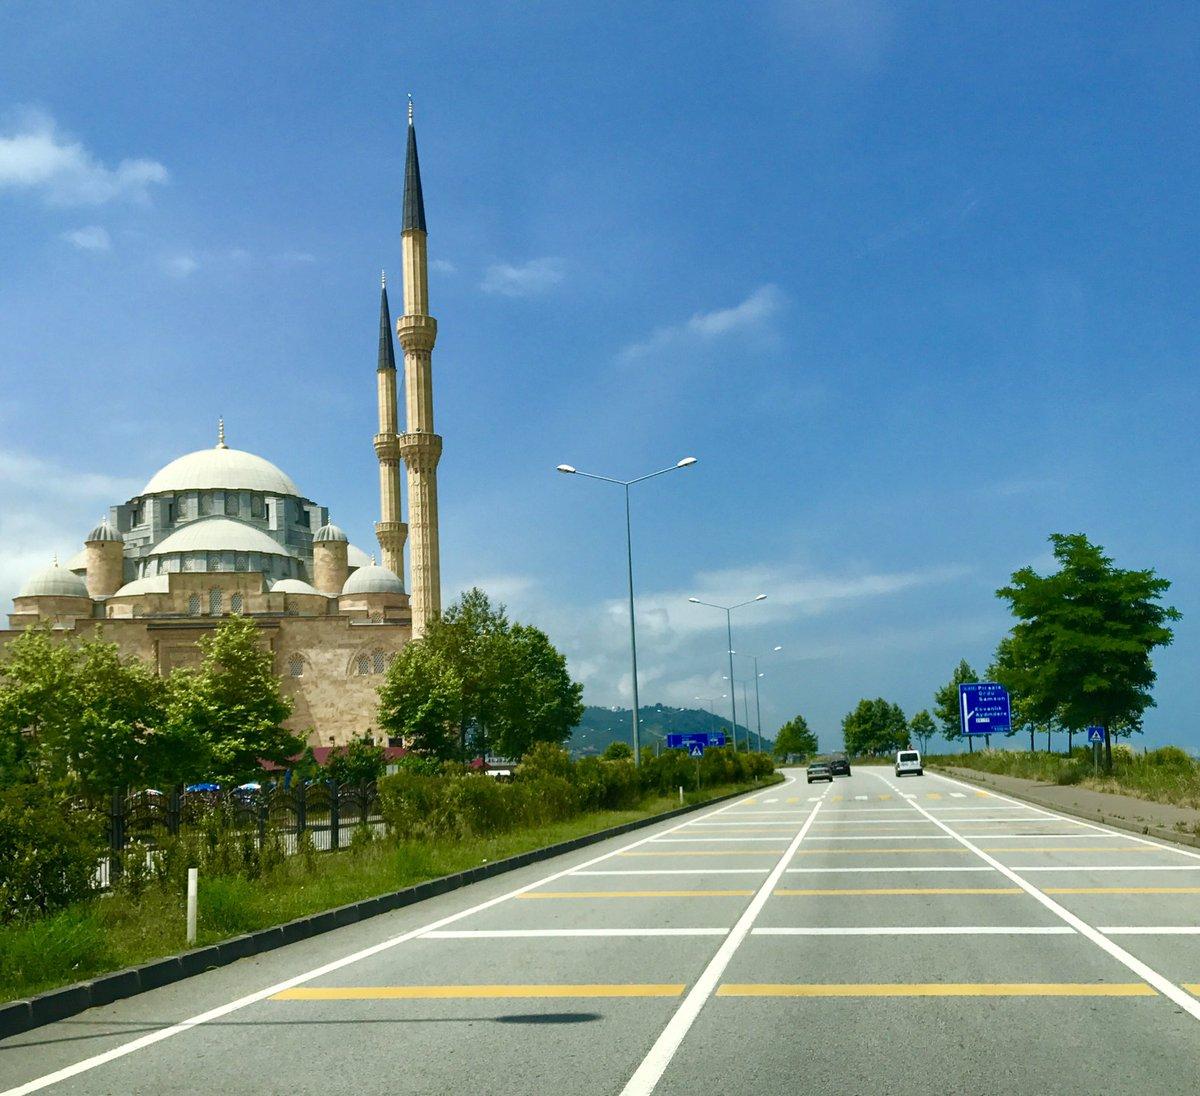 بالصور صوري في تركيا , اجمل صور للسياحه في بتركيا 4435 5